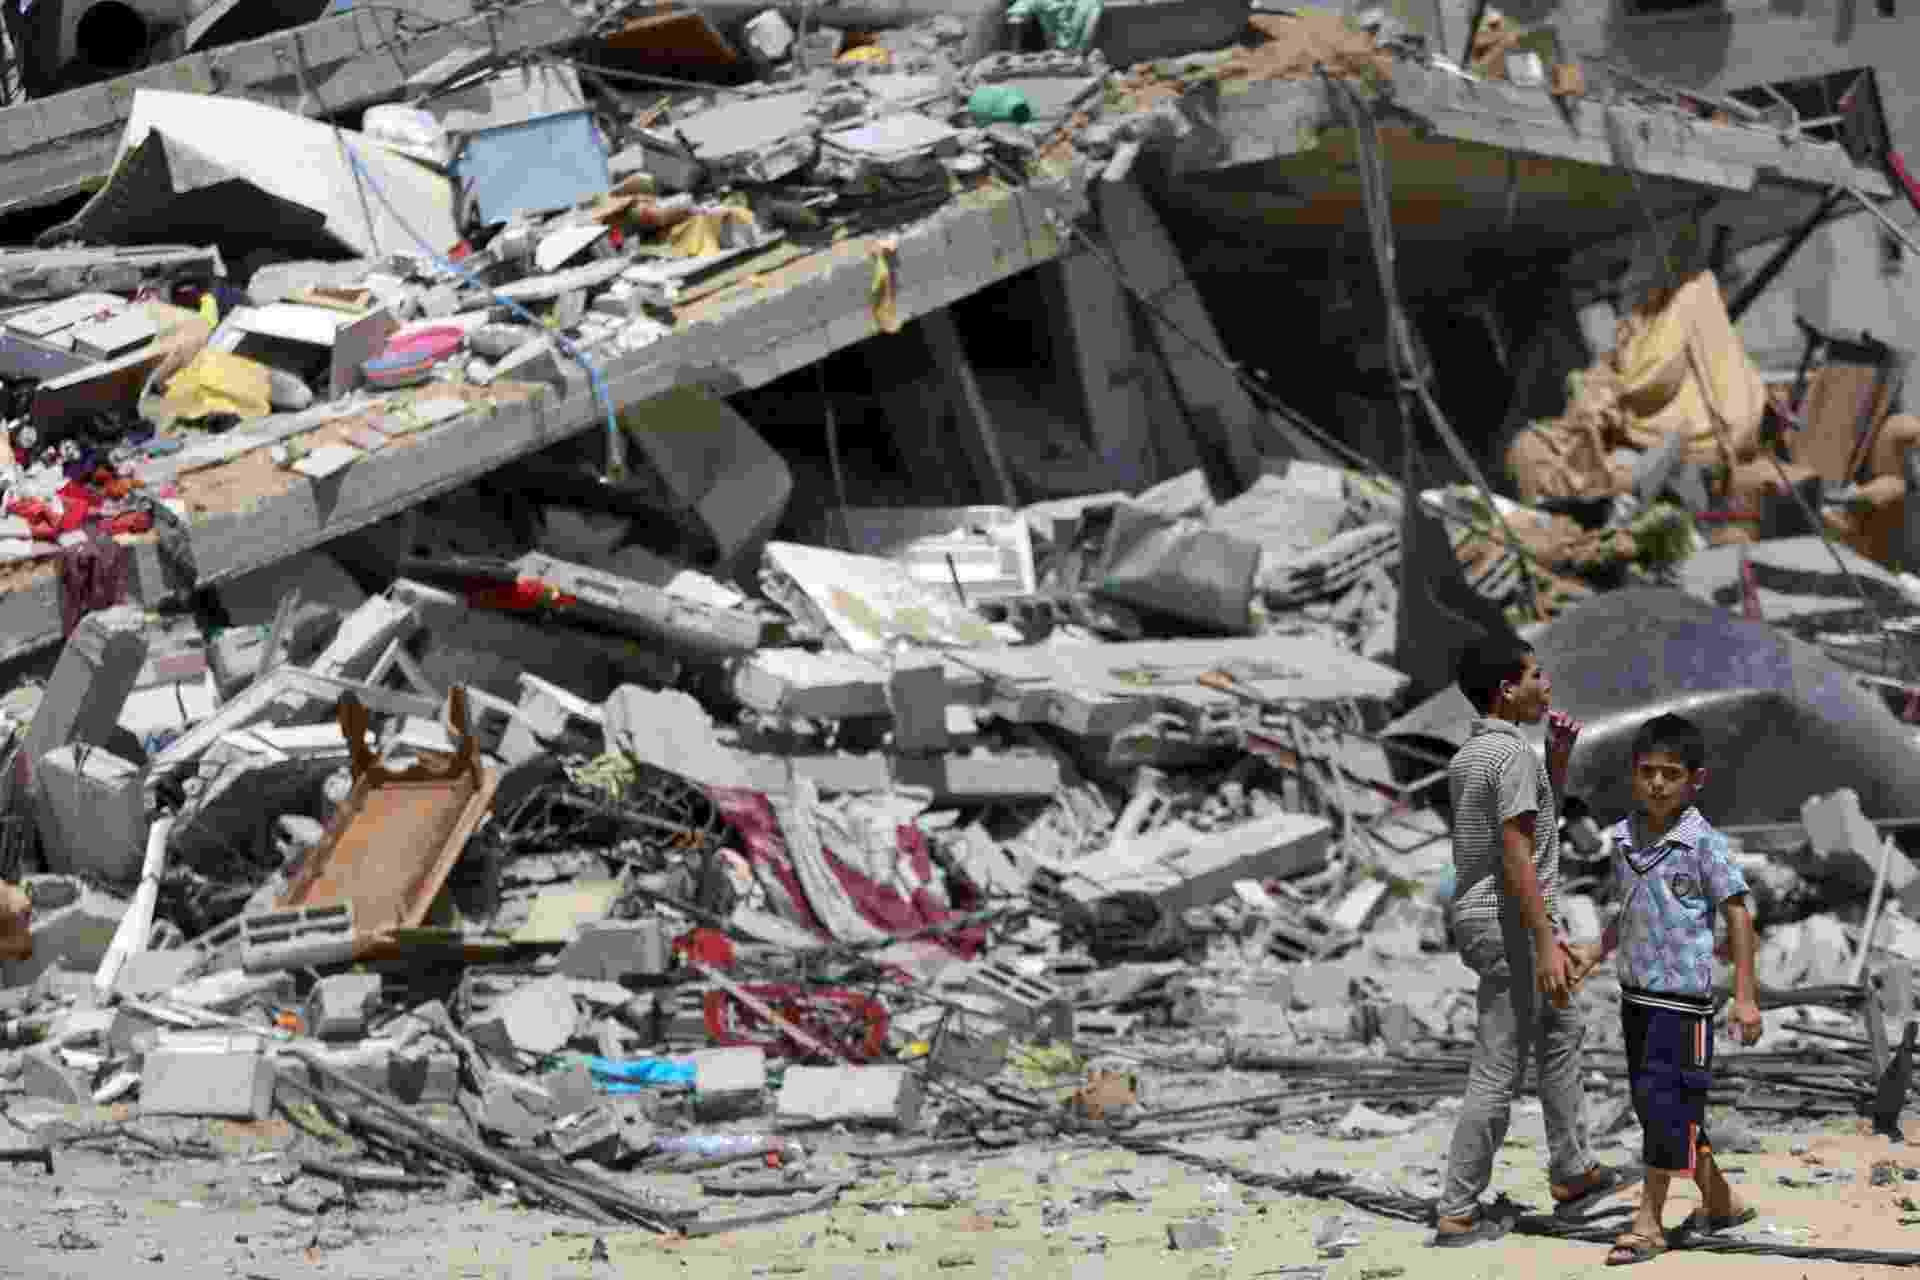 23.ago.2014 - Jovens palestinos andam sobre escombros de casa destruída ao sul da cidade de Gaza, após ataques aéreos israelenses bombardearem a região. O ataque matou cinco pessoas da mesma família, incluindo duas crianças, após o fracasso das negociações entre Israel e os palestinos e a retomada das hostilidades na terça-feira - Mohammed Saber/EPA/EFE